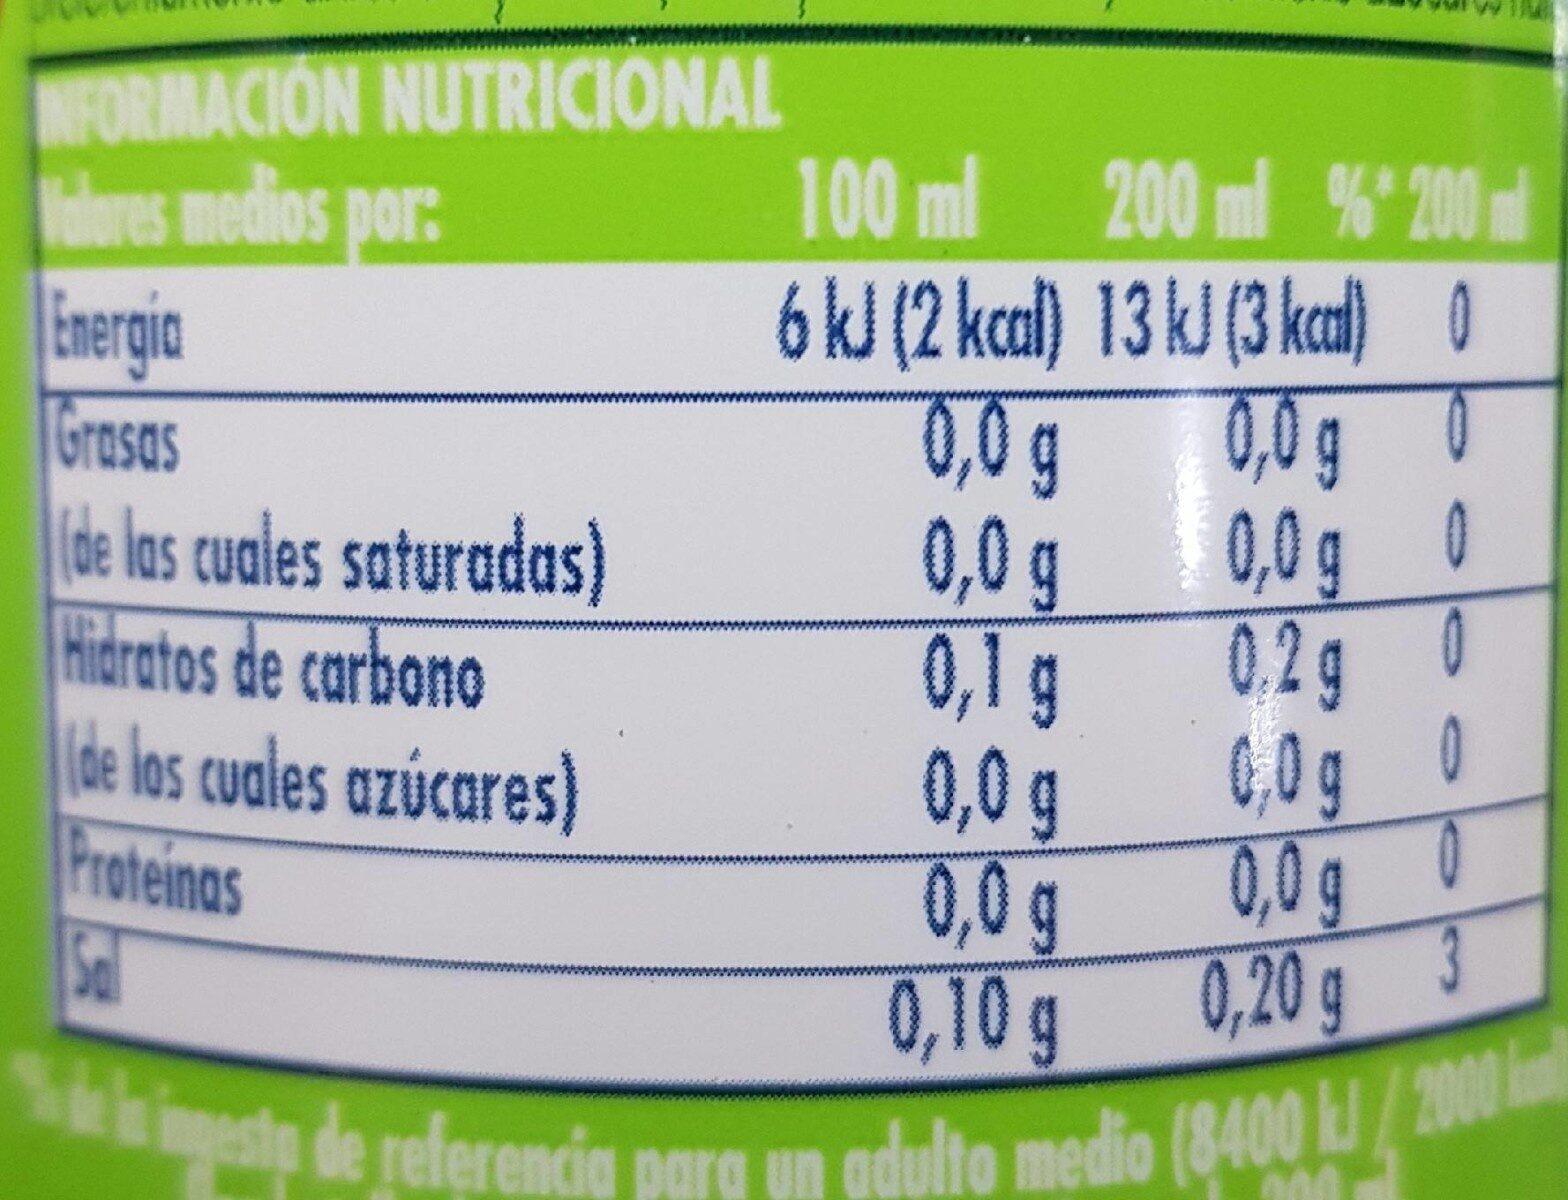 la casera sabor limón - Información nutricional - es